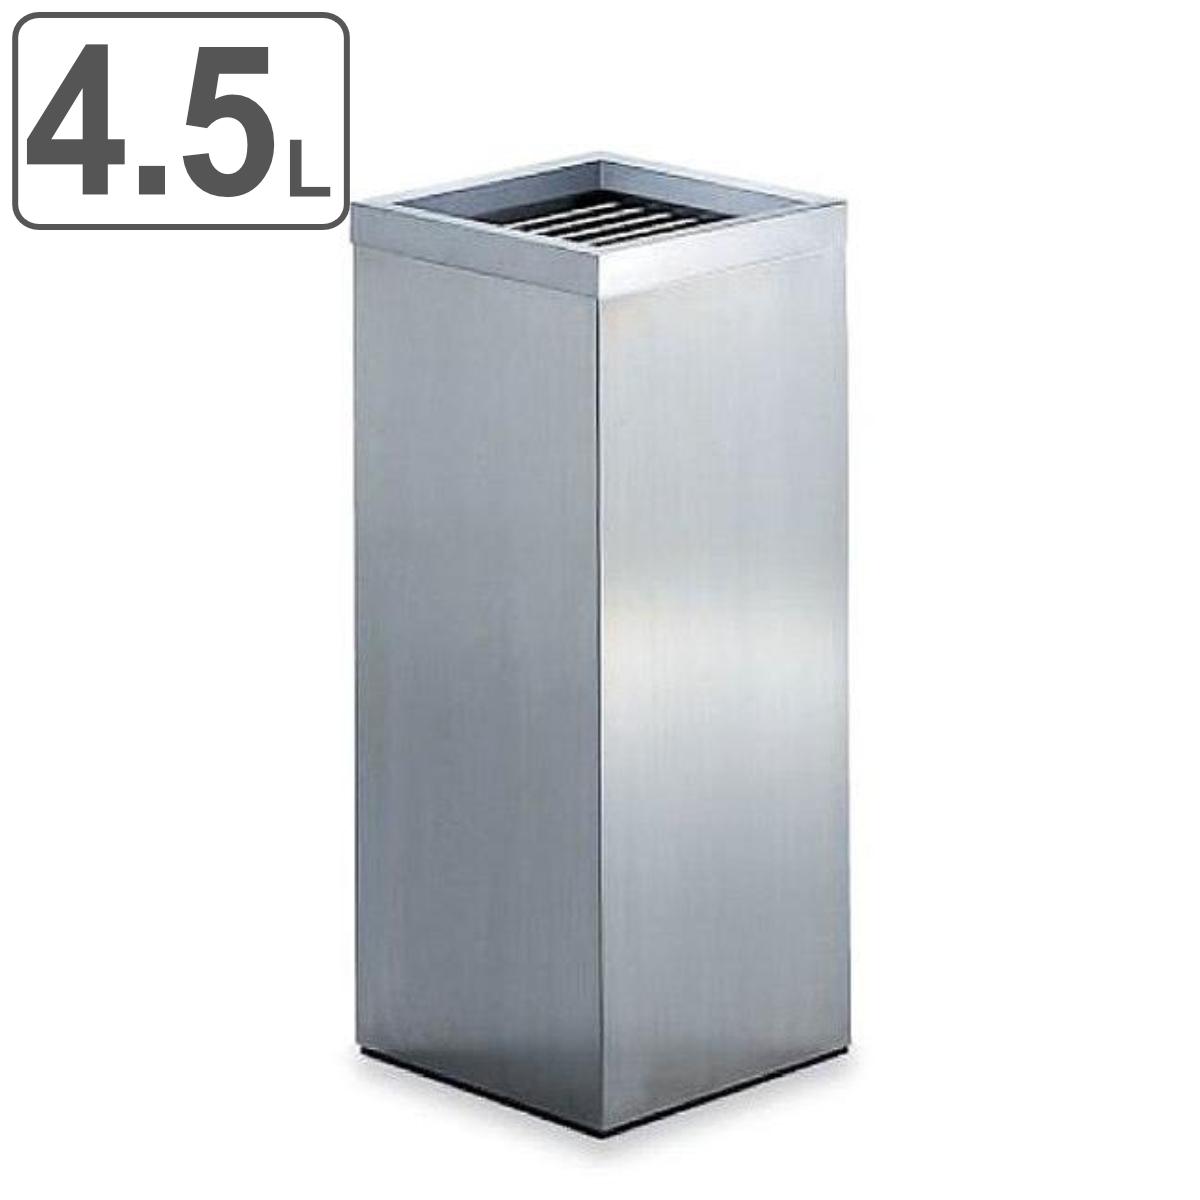 灰皿 スタンド角型 ステンレス製 4.5L SK-025 ( 送料無料 スモーキングスタンド 吸いがら入れ ) 【3980円以上送料無料】